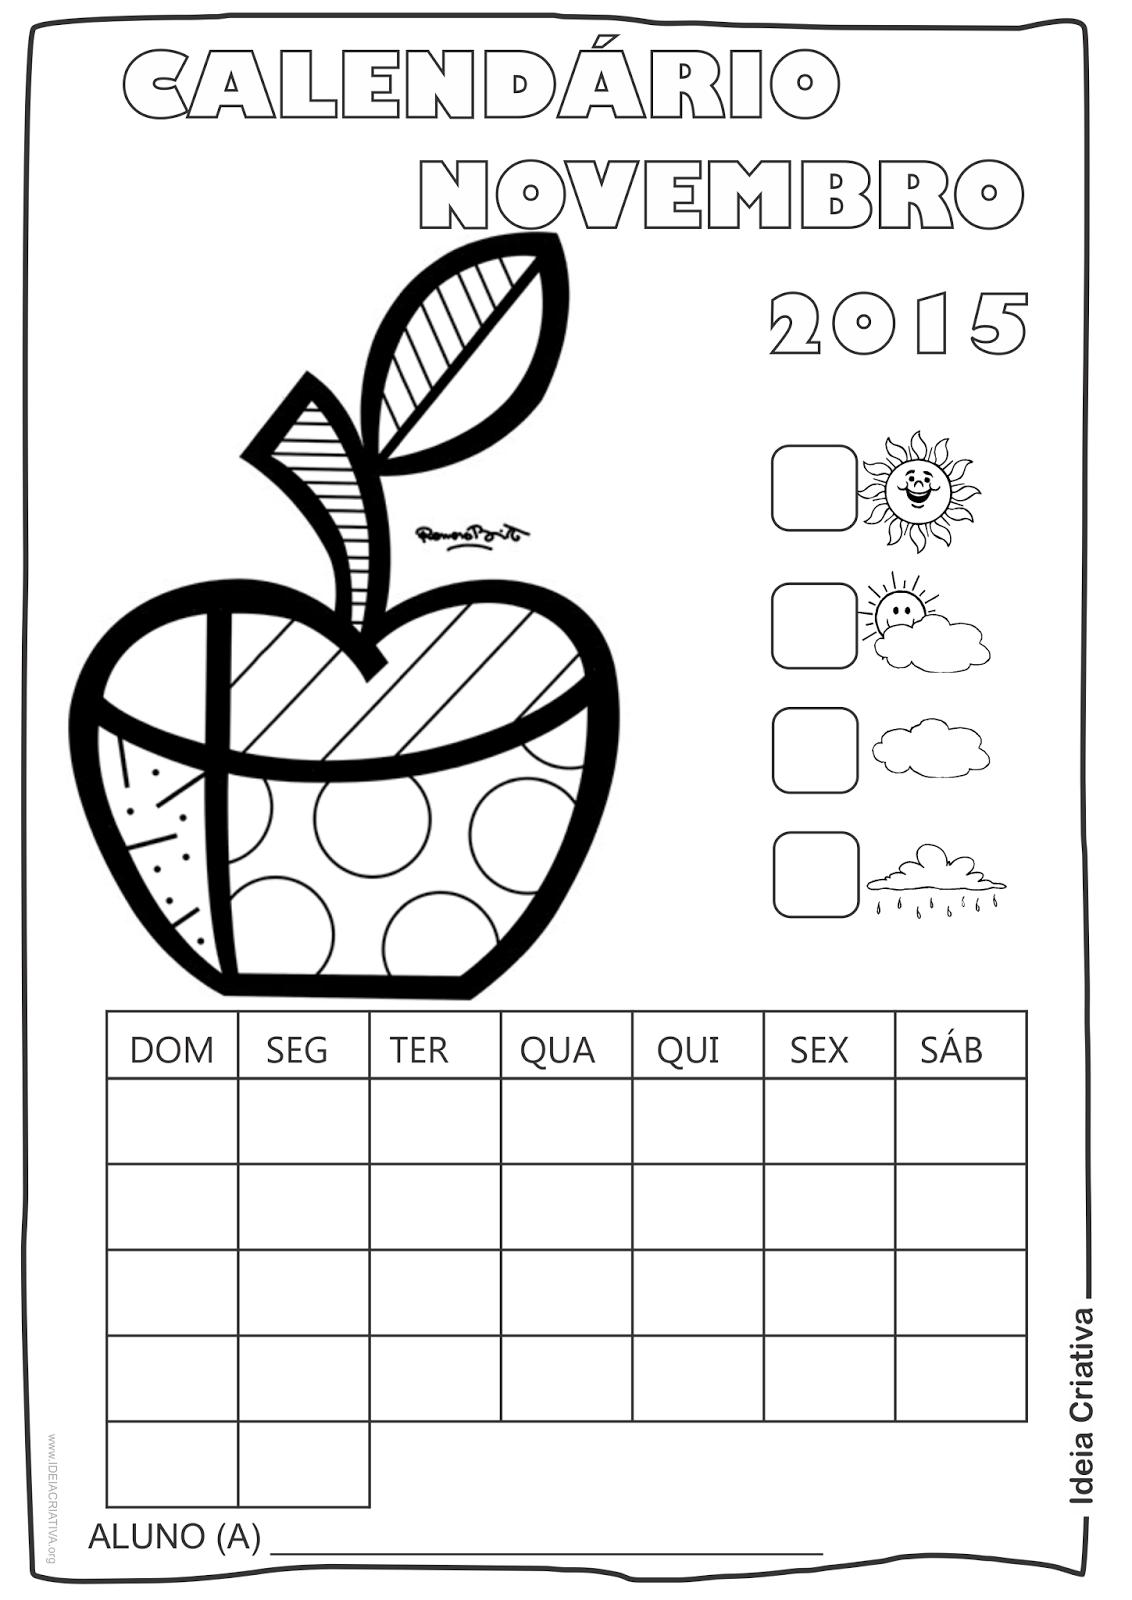 Calendário Novembro  2015 com Desenho Maçã  de Romero Britto para Colorir Sem Numeração